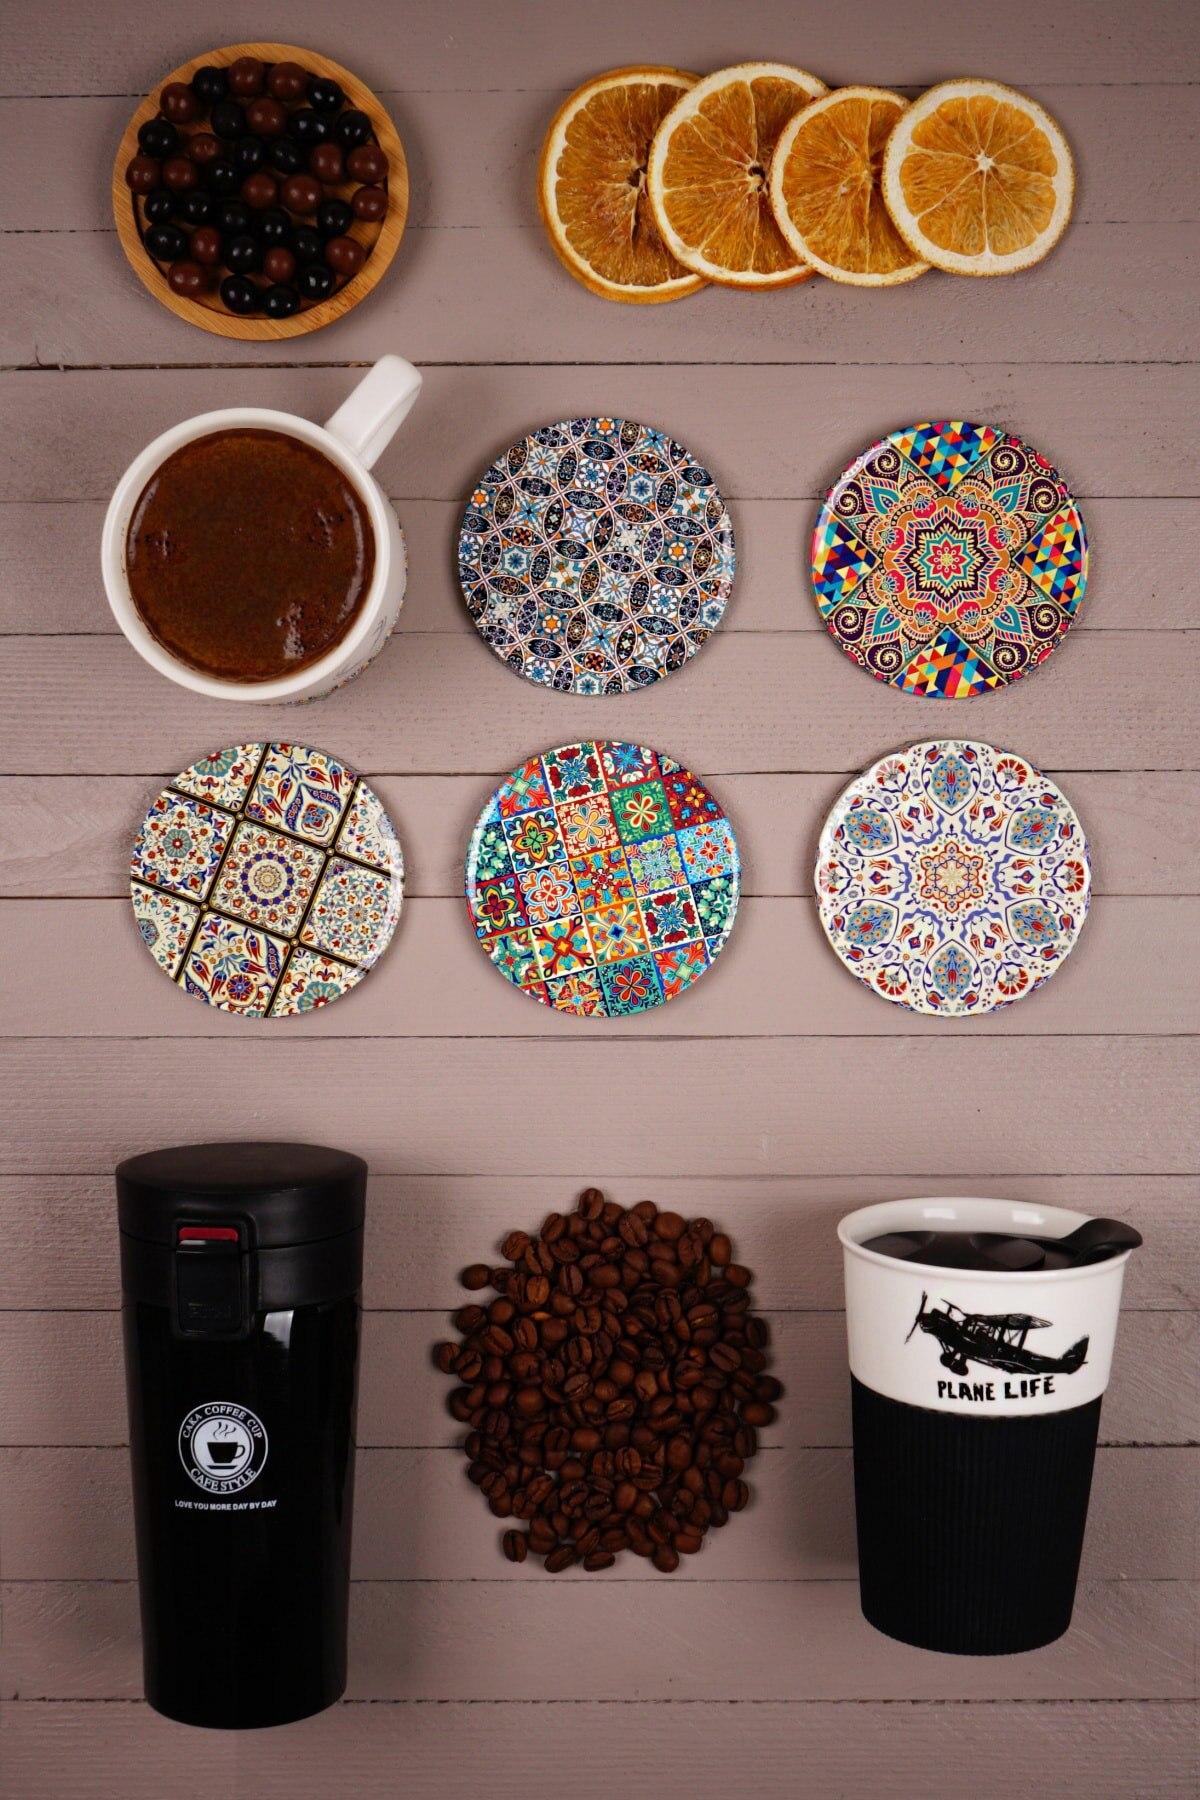 Подставка под чашку в английском стиле, 6 шт., цветная подставка под чашку, нескользящая изоляционная подставка, коврик для чашки, подставка ...